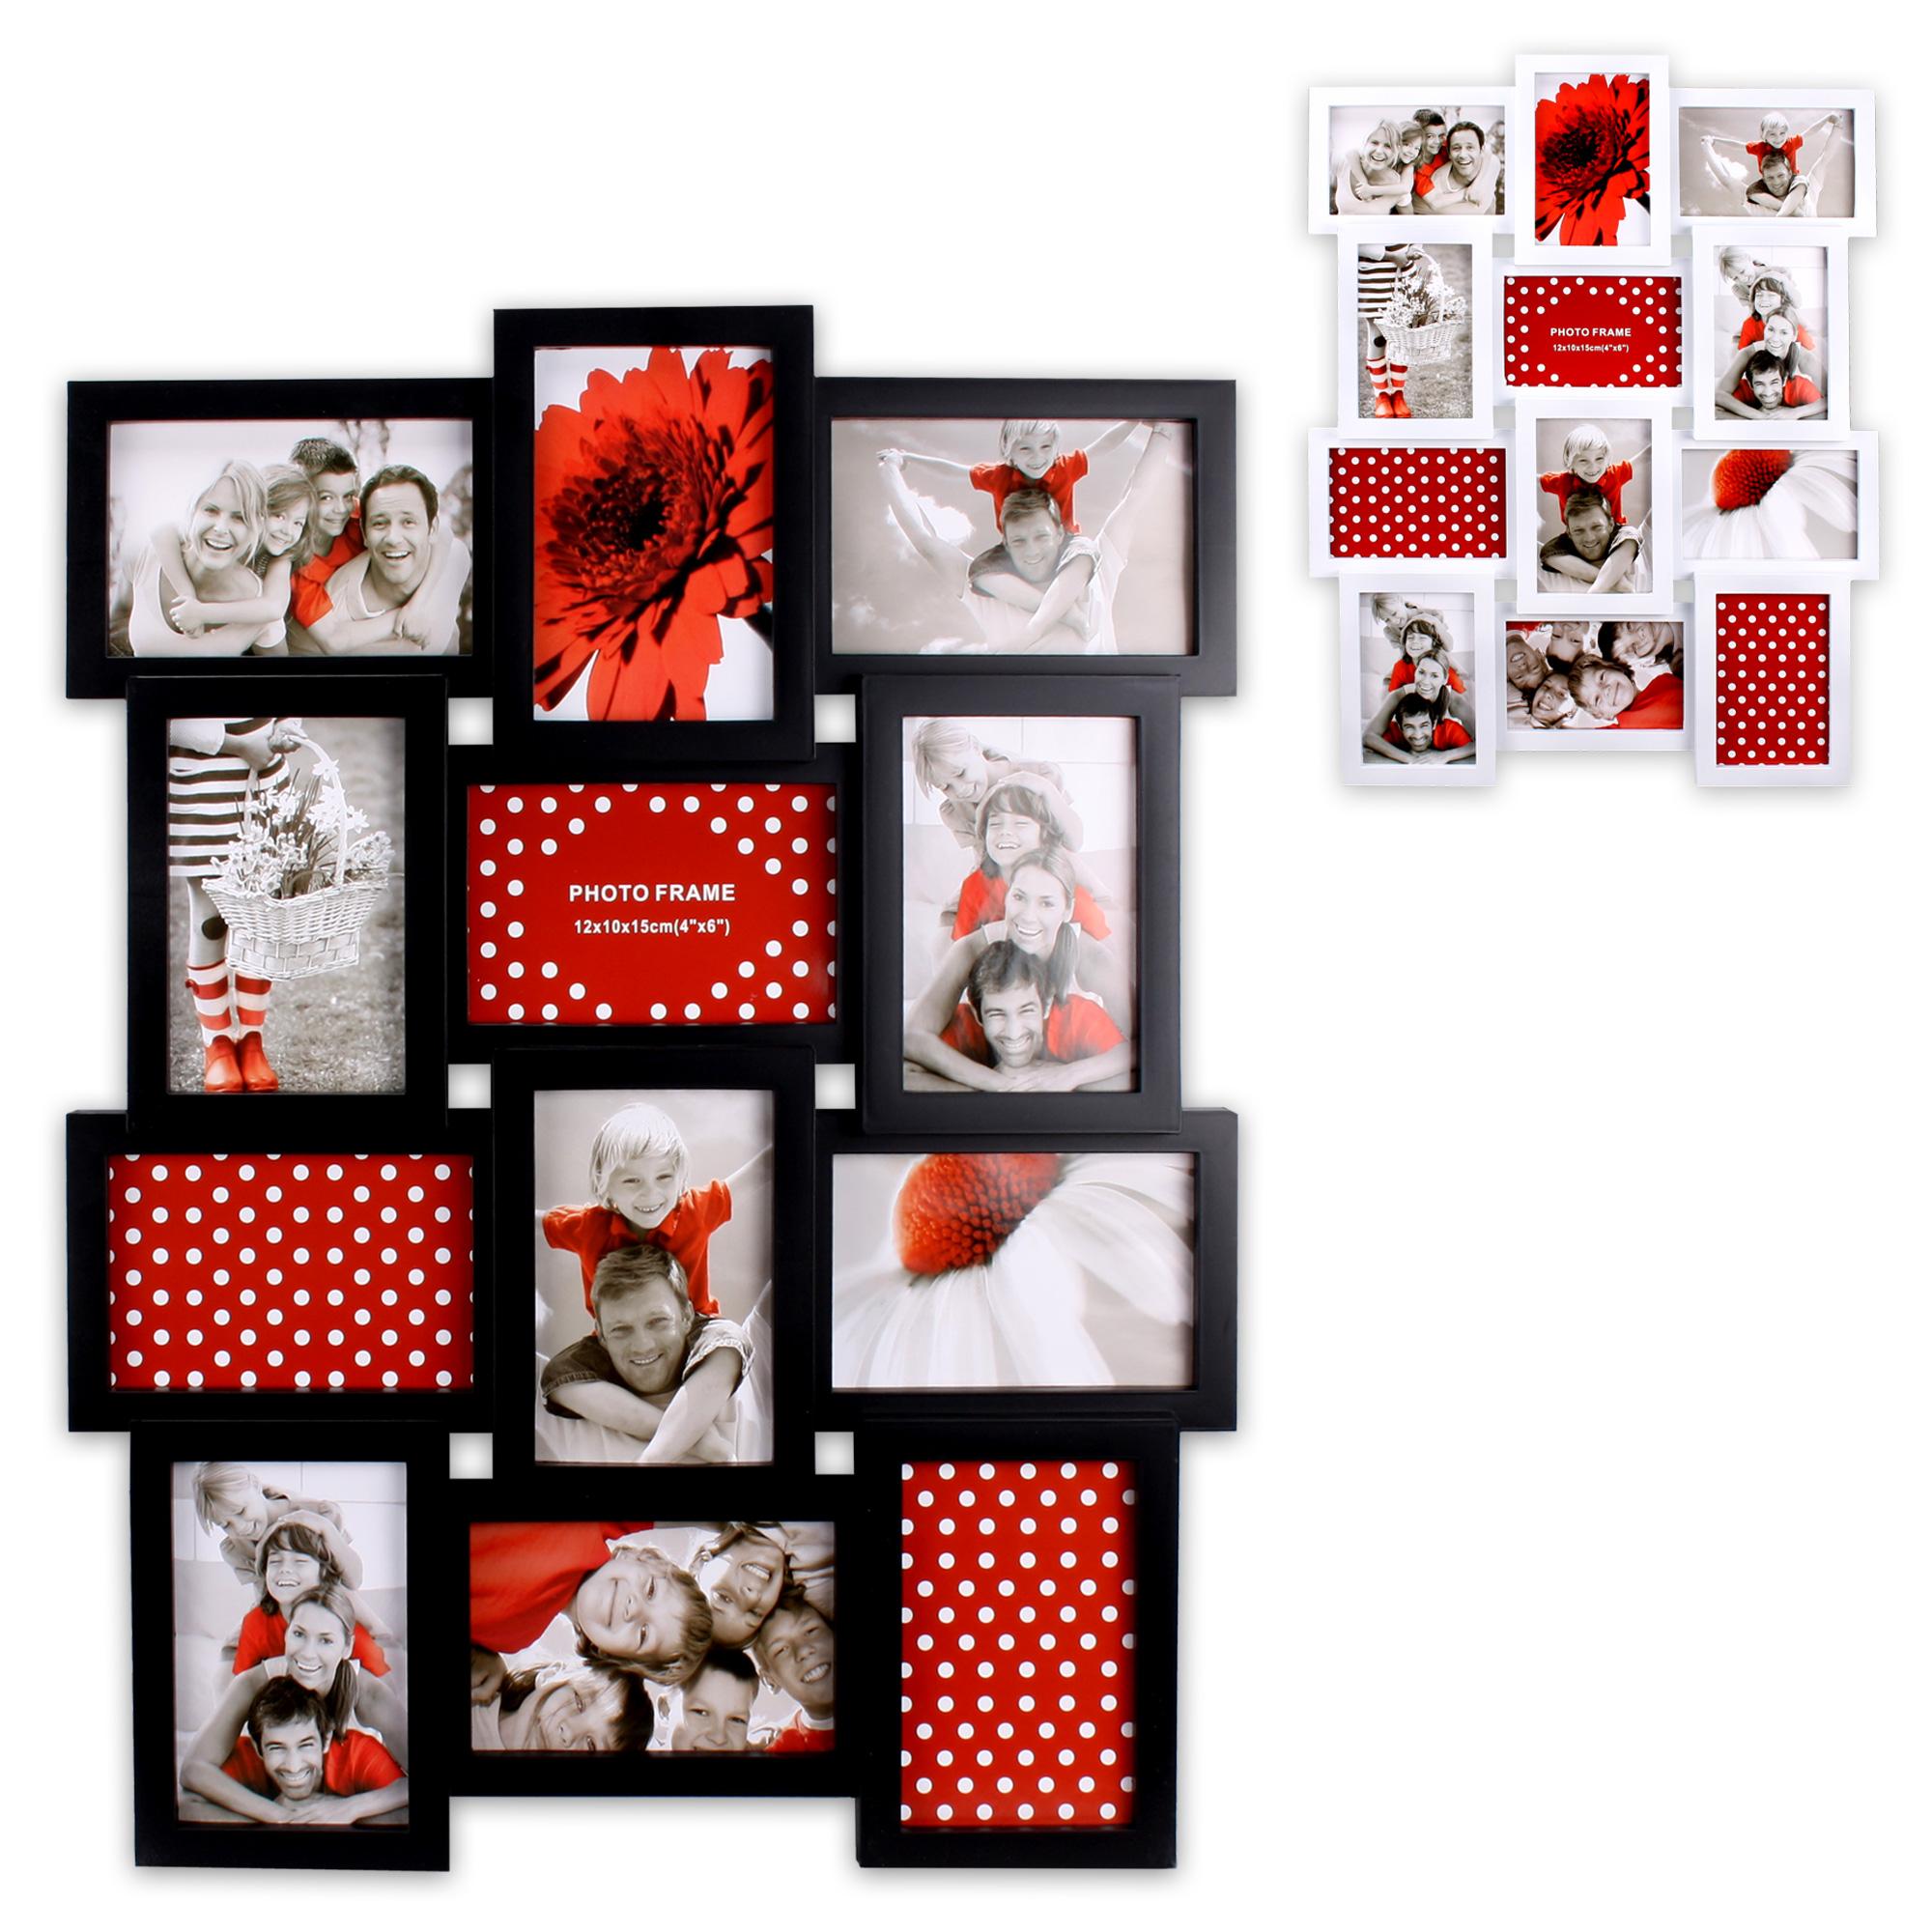 picture frame 3d collage photo frame plastic frame 12 fotos 10x15 u 15x10 ebay. Black Bedroom Furniture Sets. Home Design Ideas